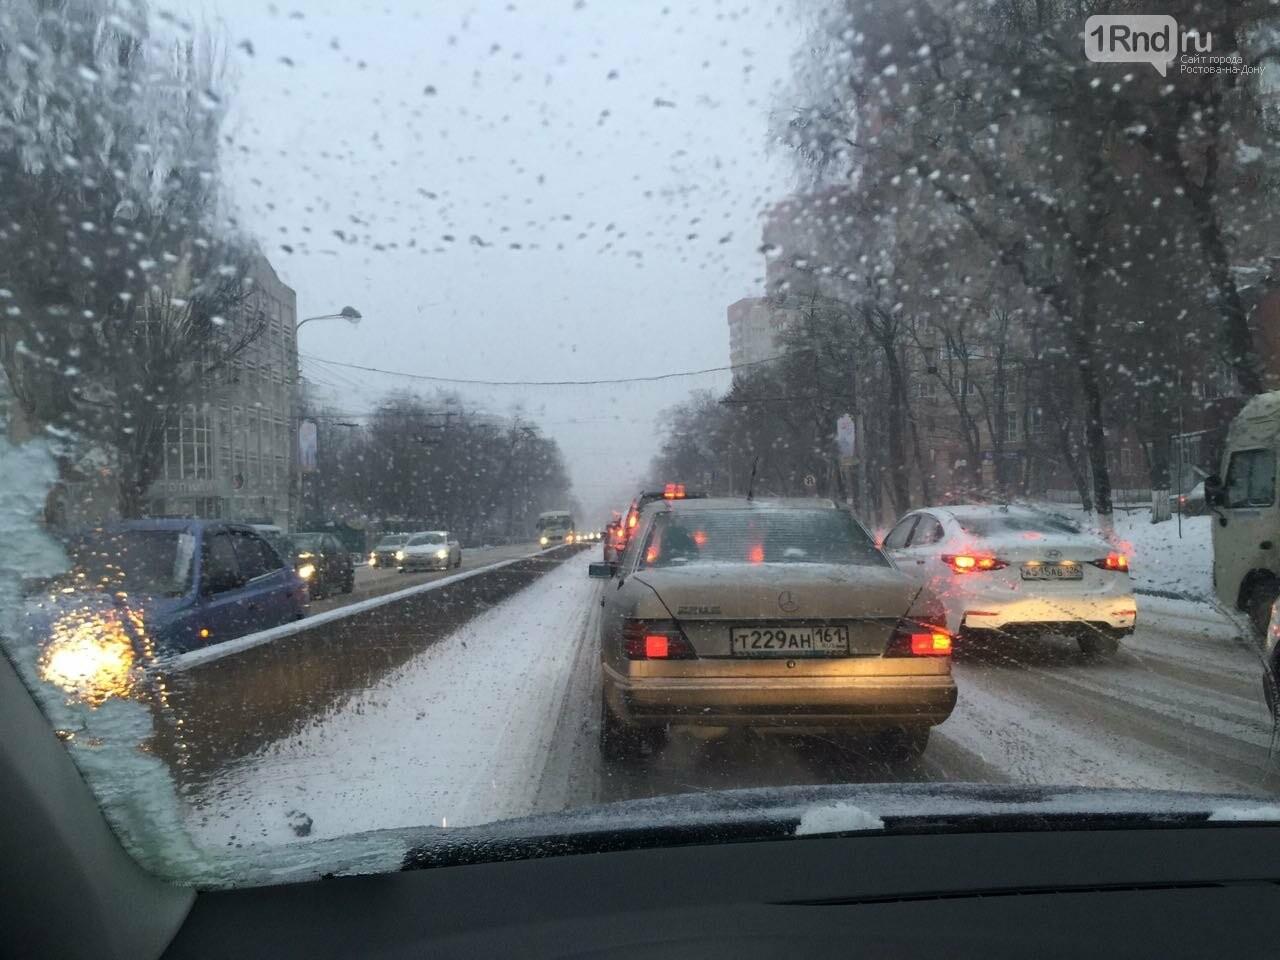 Из-за снегопада и пятницы Ростов встал в 10-балльных пробках, фото-3